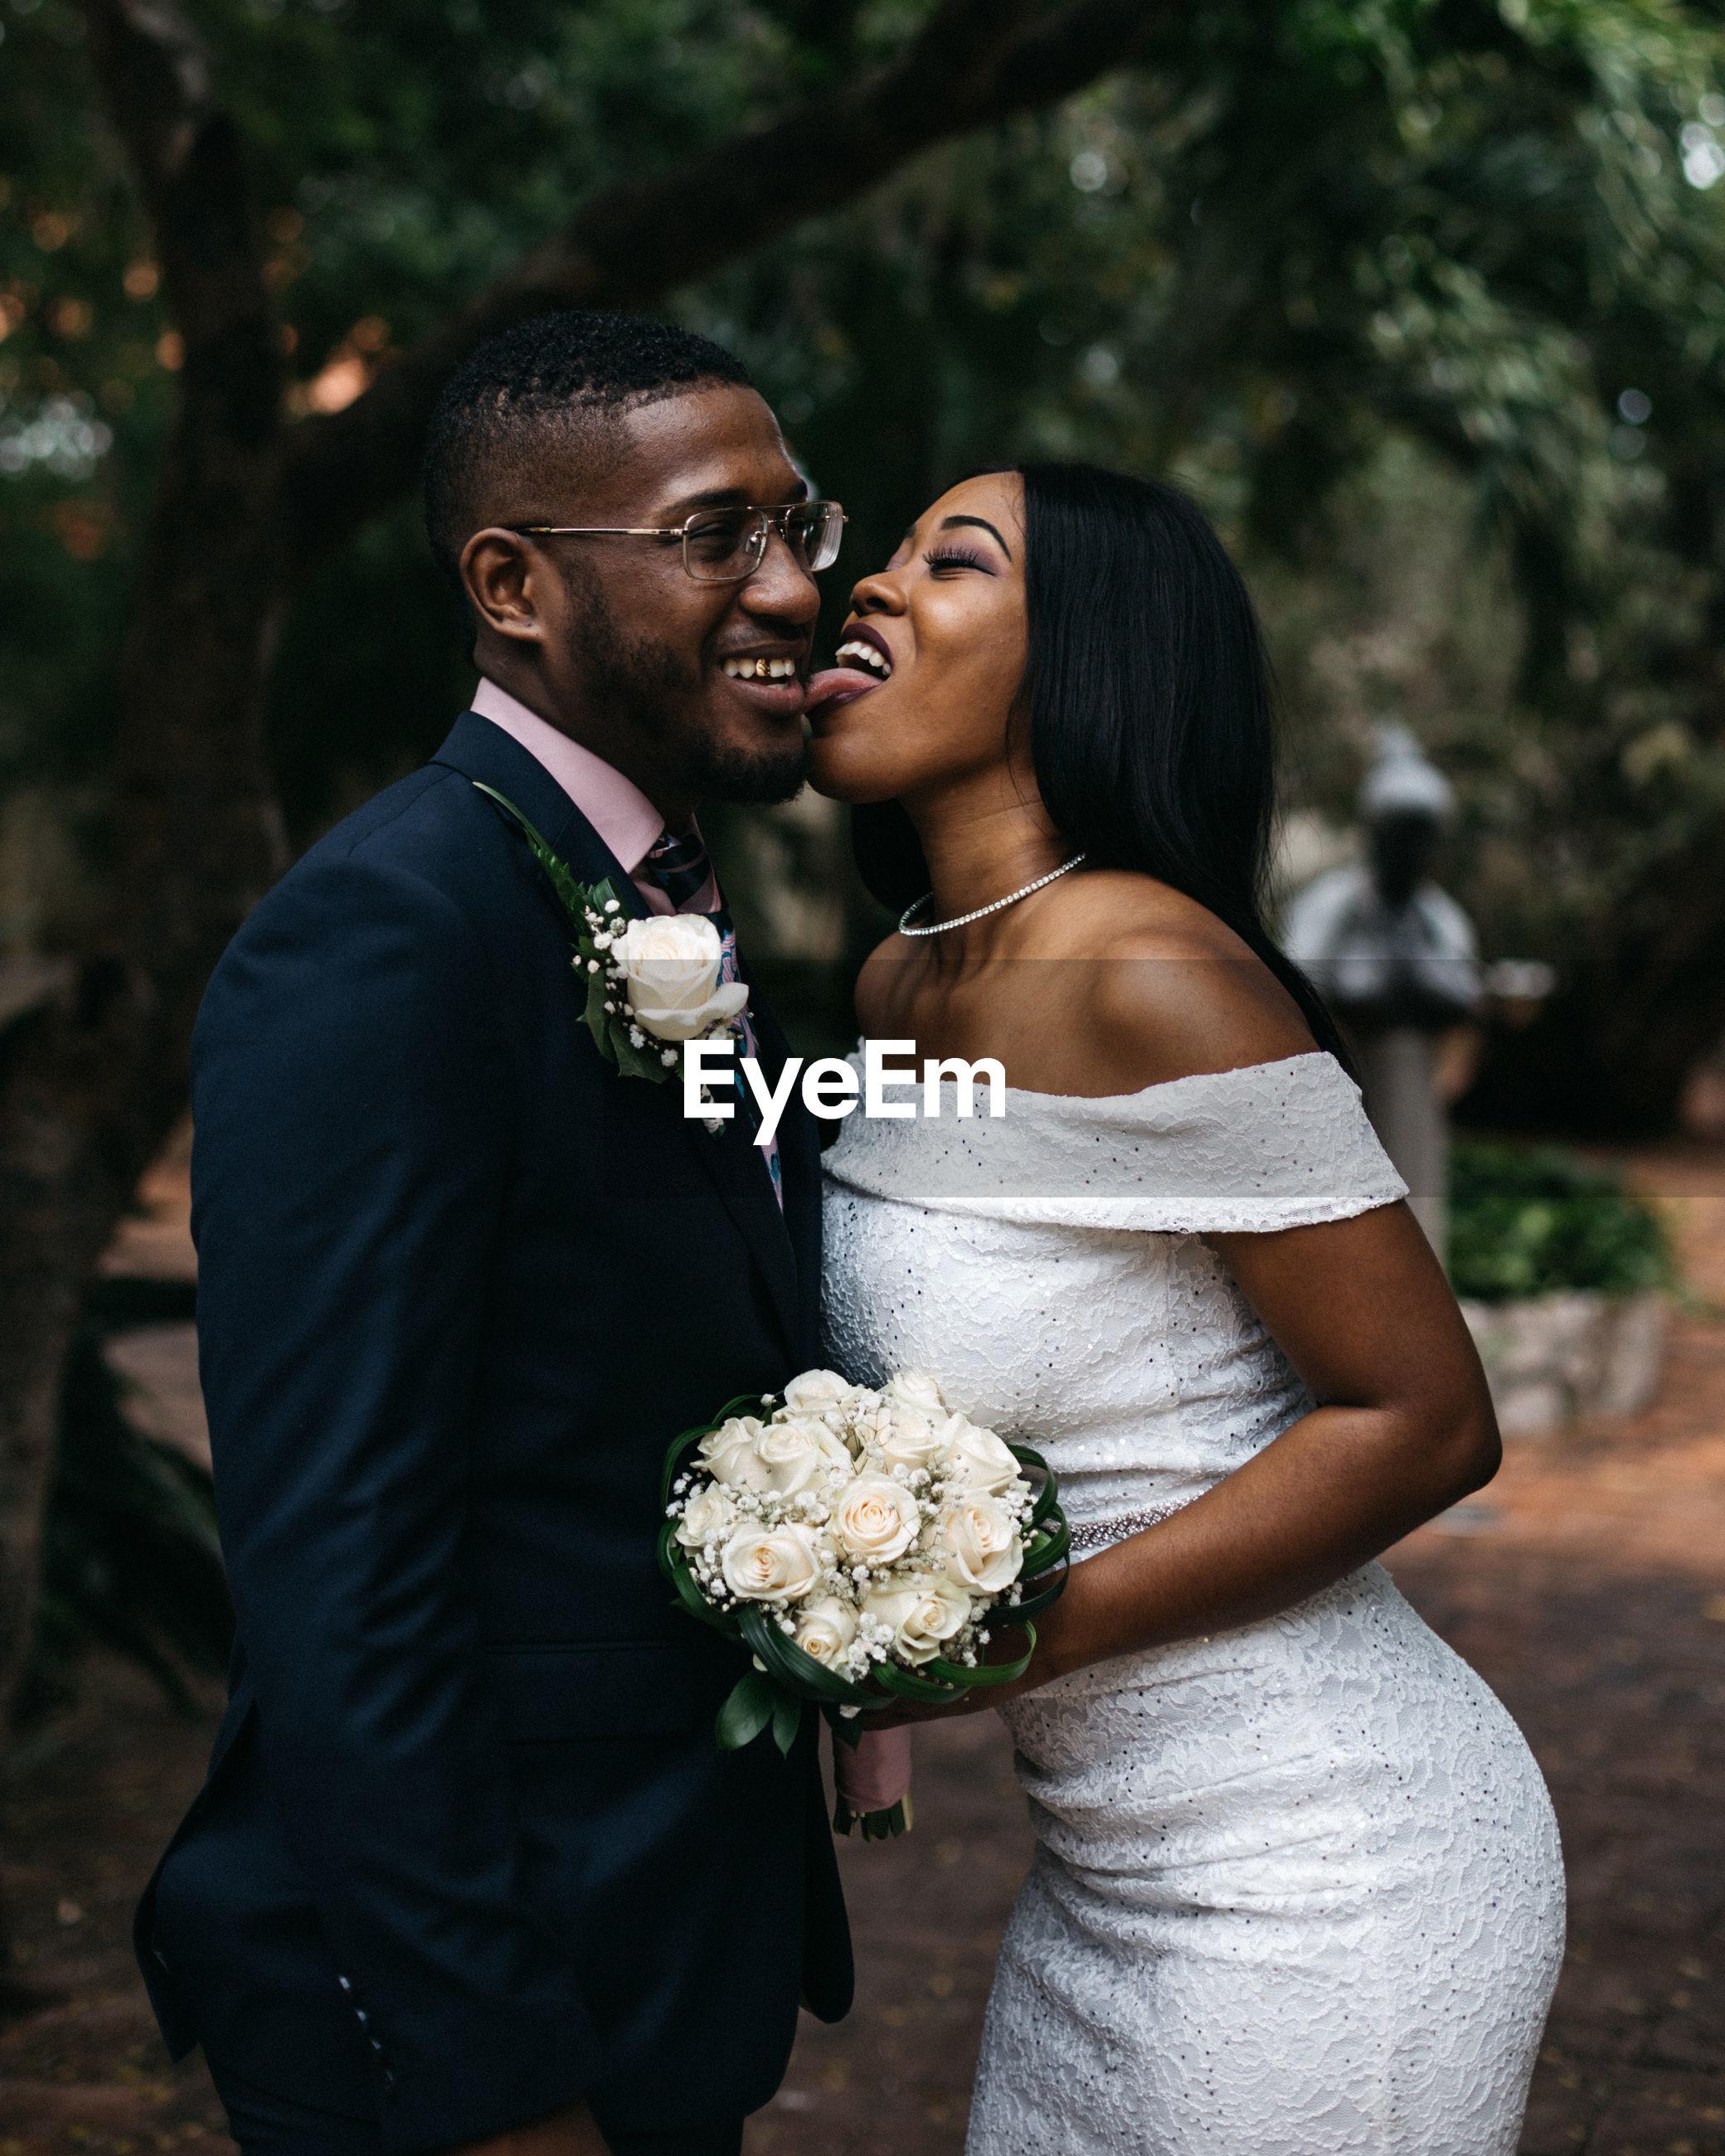 Bride licking groom cheek against trees